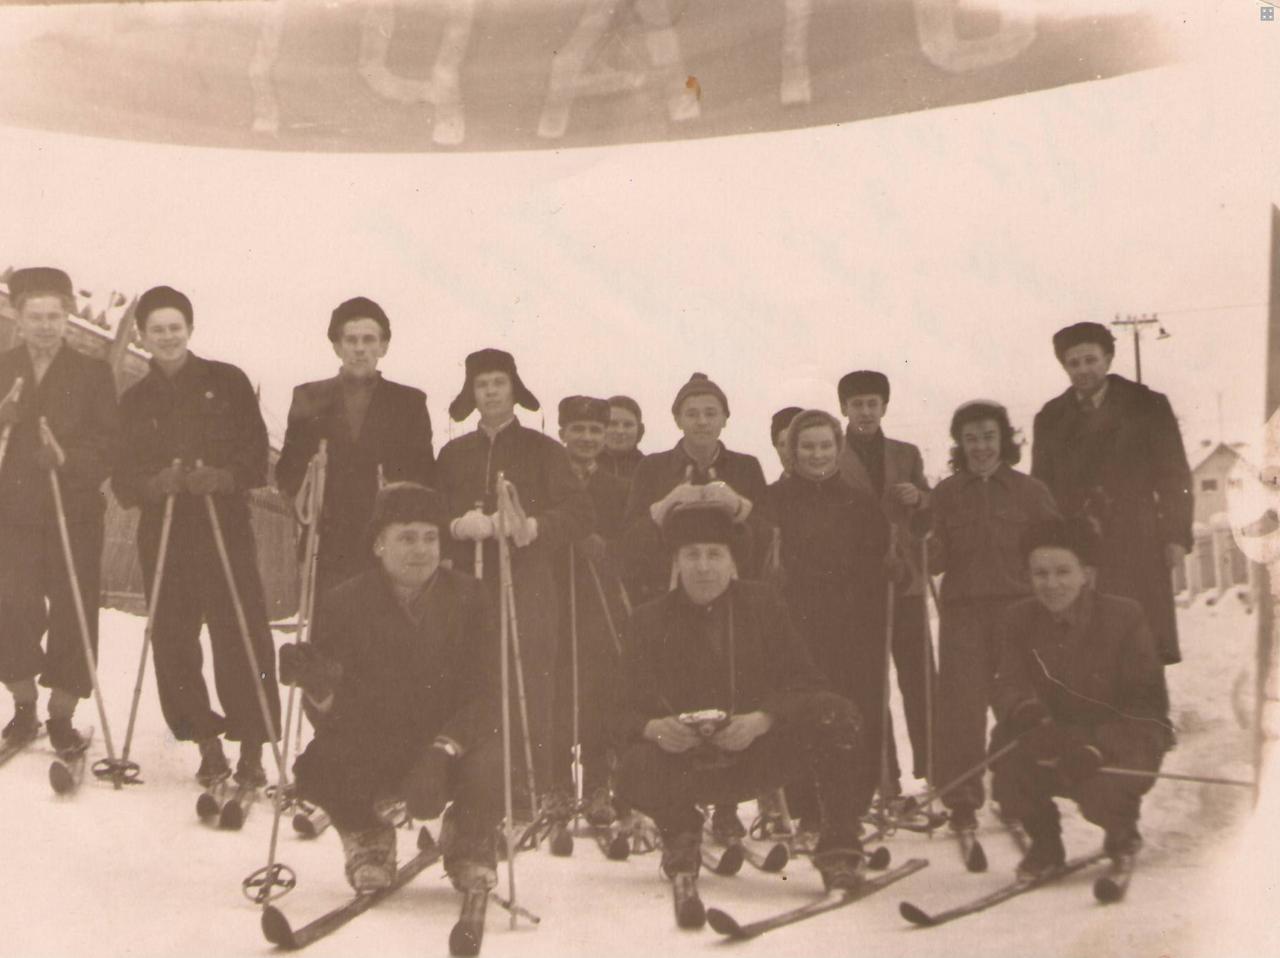 Работники 2 цеха (смена А) на соревнованиях по лыжным гонкам 1957 г.